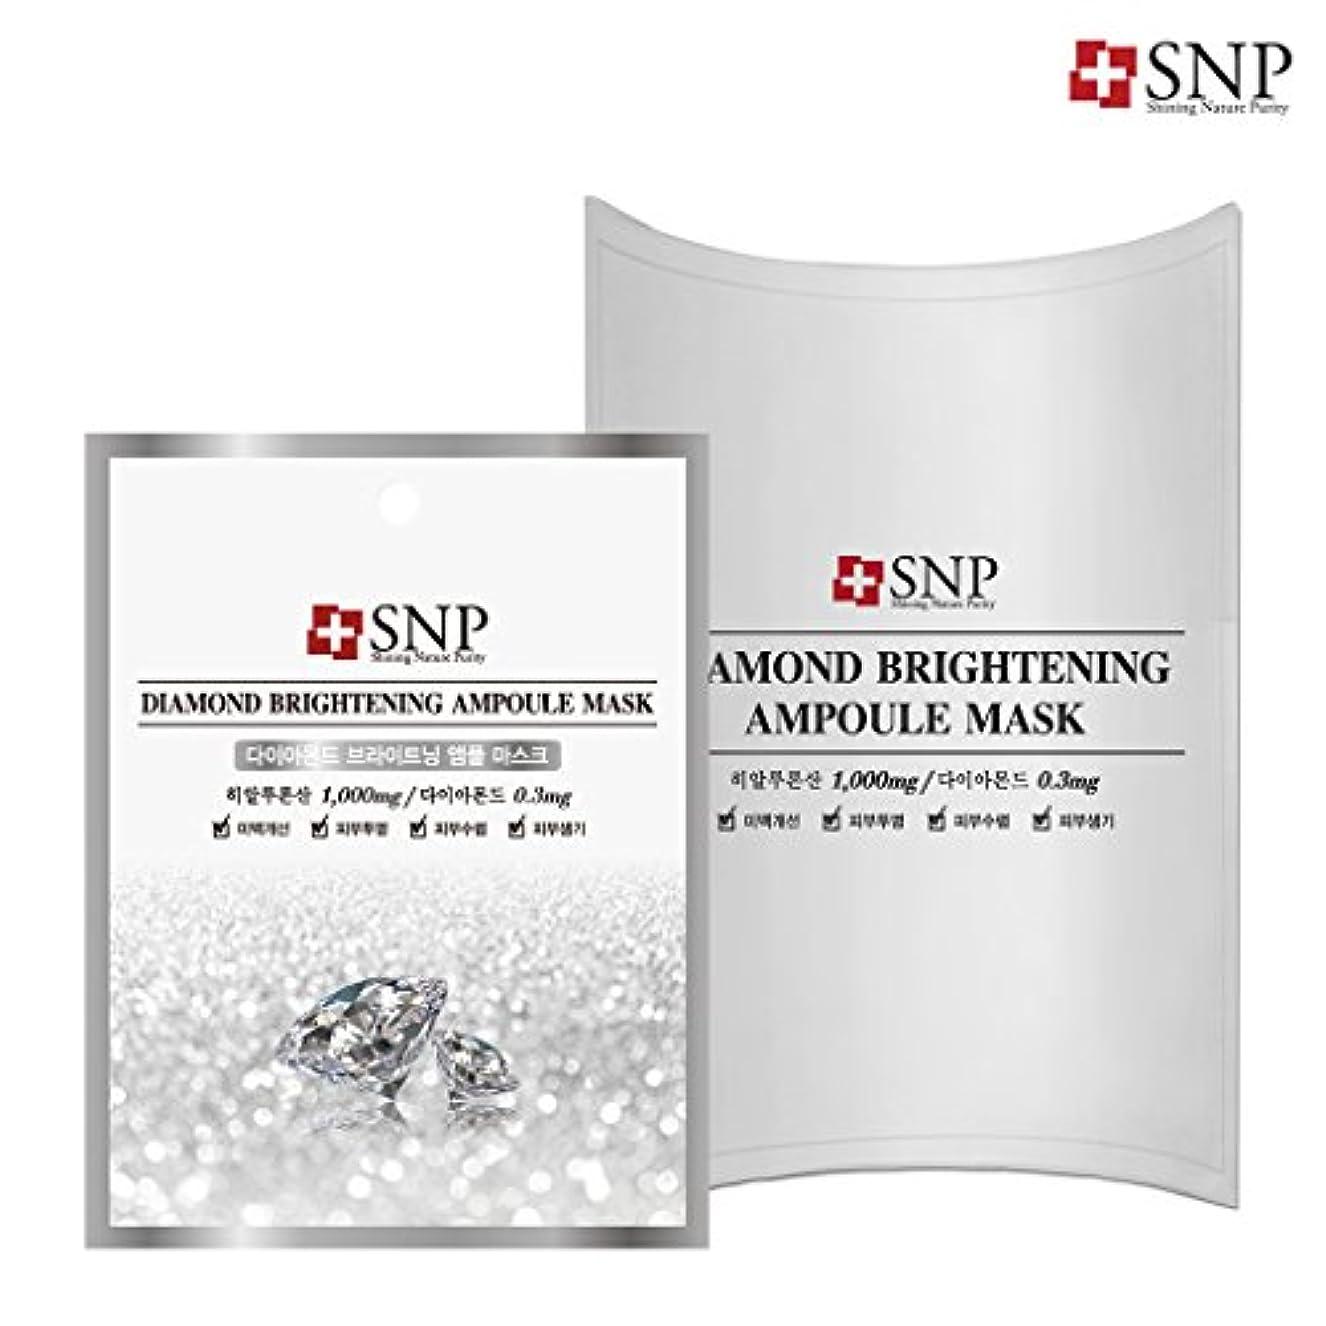 アイザックうそつきアンデス山脈SNP ダイアモンド ブライトニング アンプル マスク (10枚) 10枚/DIAMOND BRIGHTENING AMPOULE MASK 10EA[海外直送品]